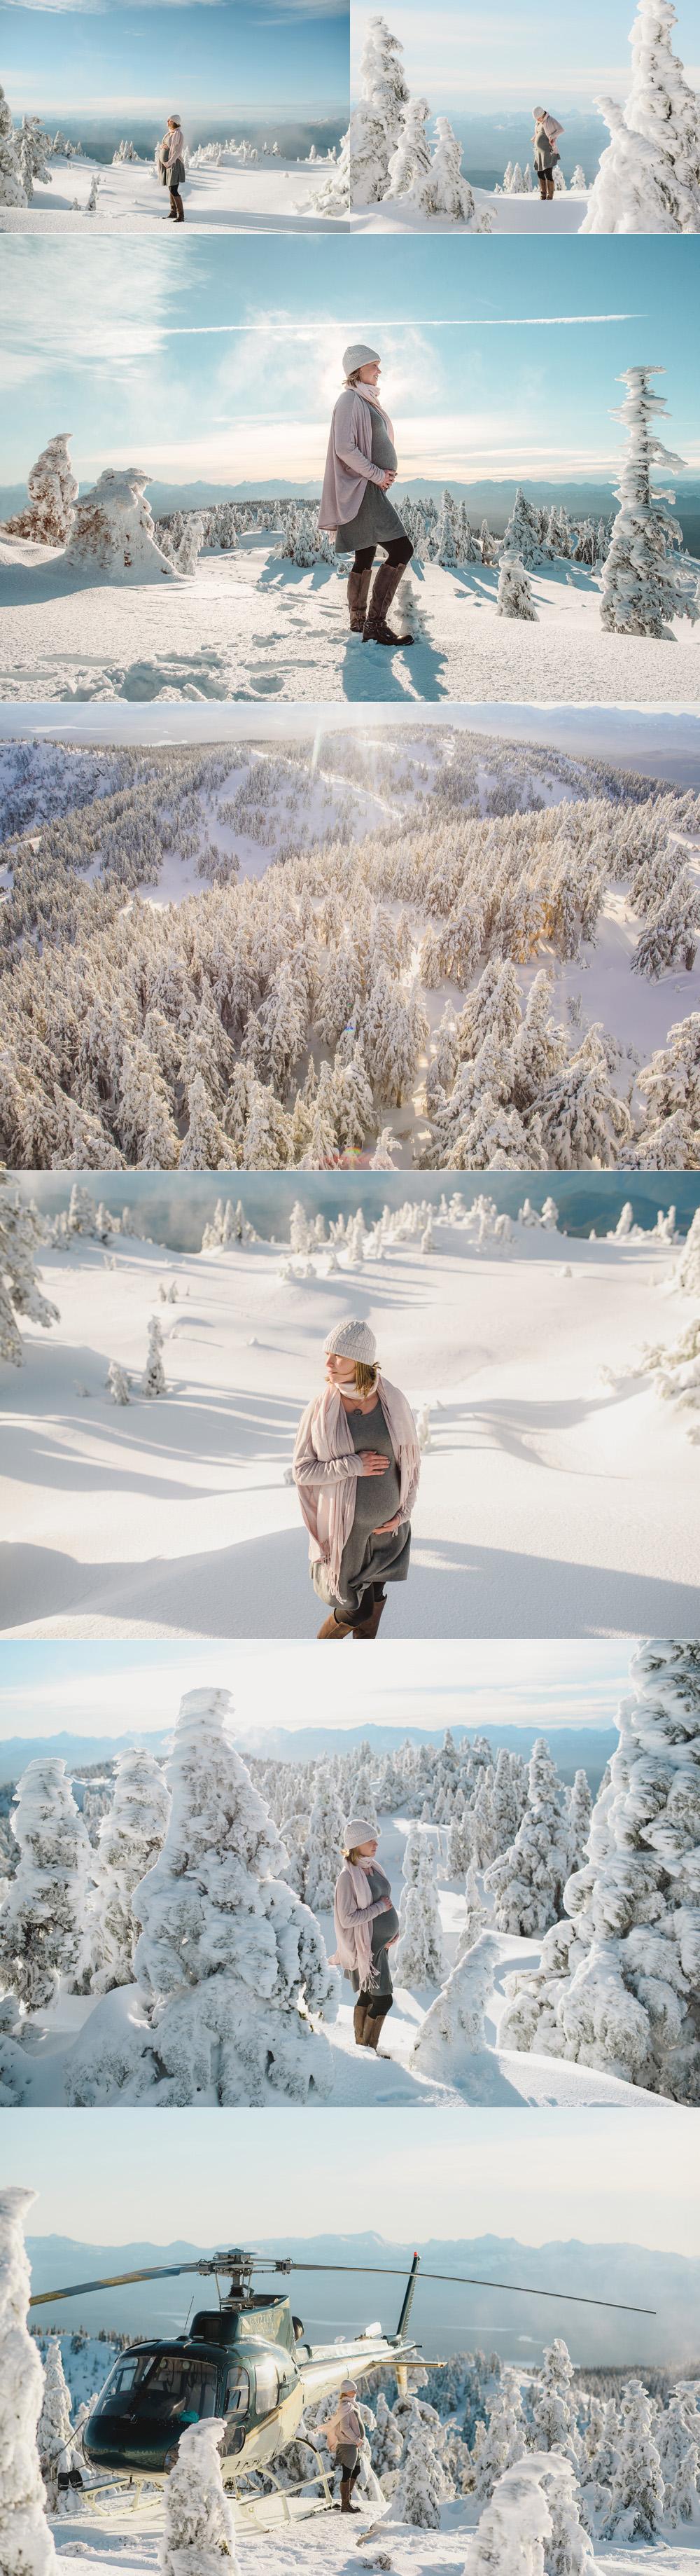 冬天的仙境